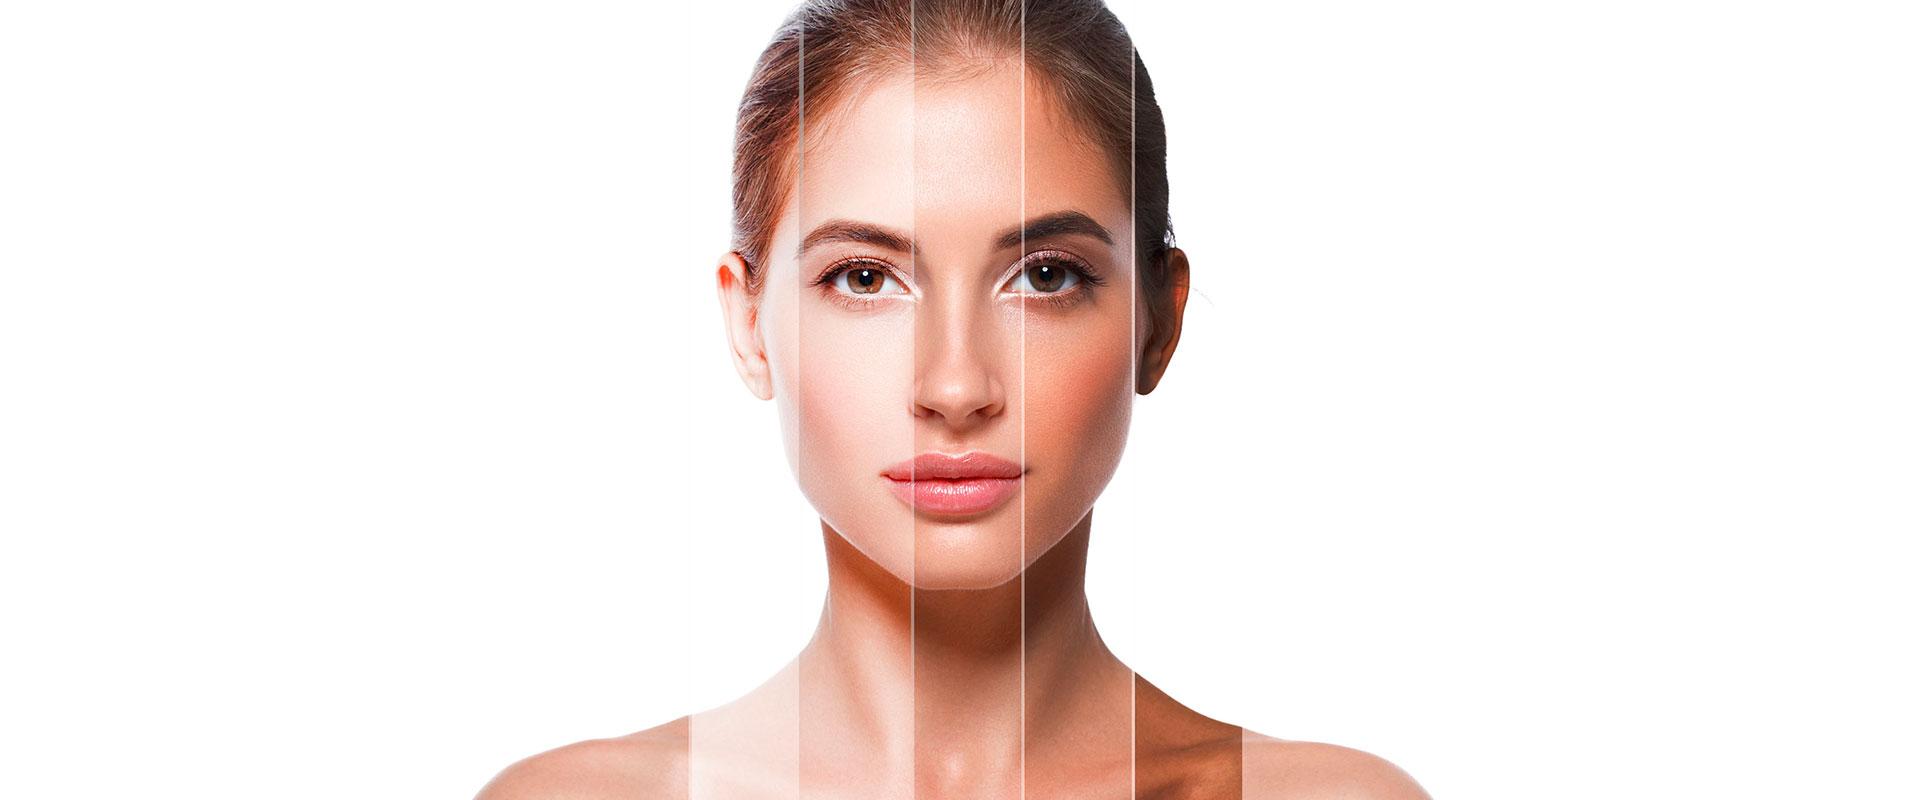 Mujer con varios tonos en la piel de su rostro.